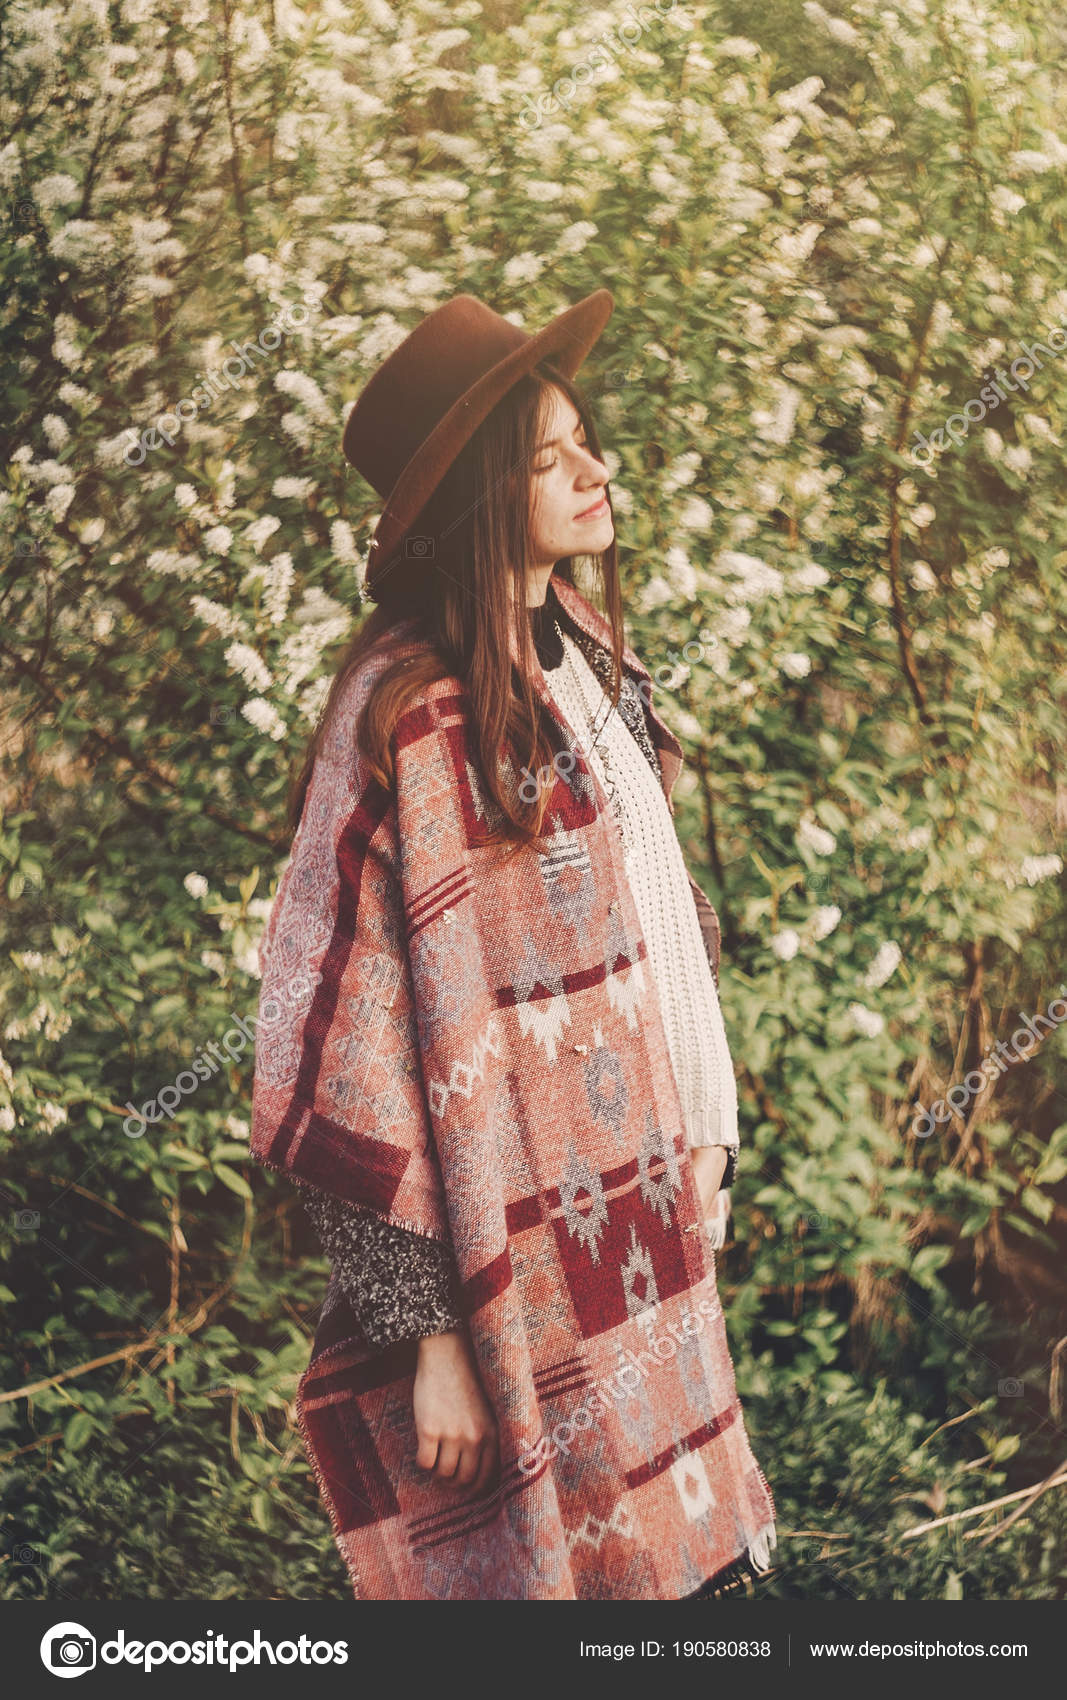 Chica hipster estilo de sombrero y poncho con la situación de un cabello  hermoso parque en sol de noche. viajero mujer moda ropa relajante en el  jardín de ... 844b357b2480